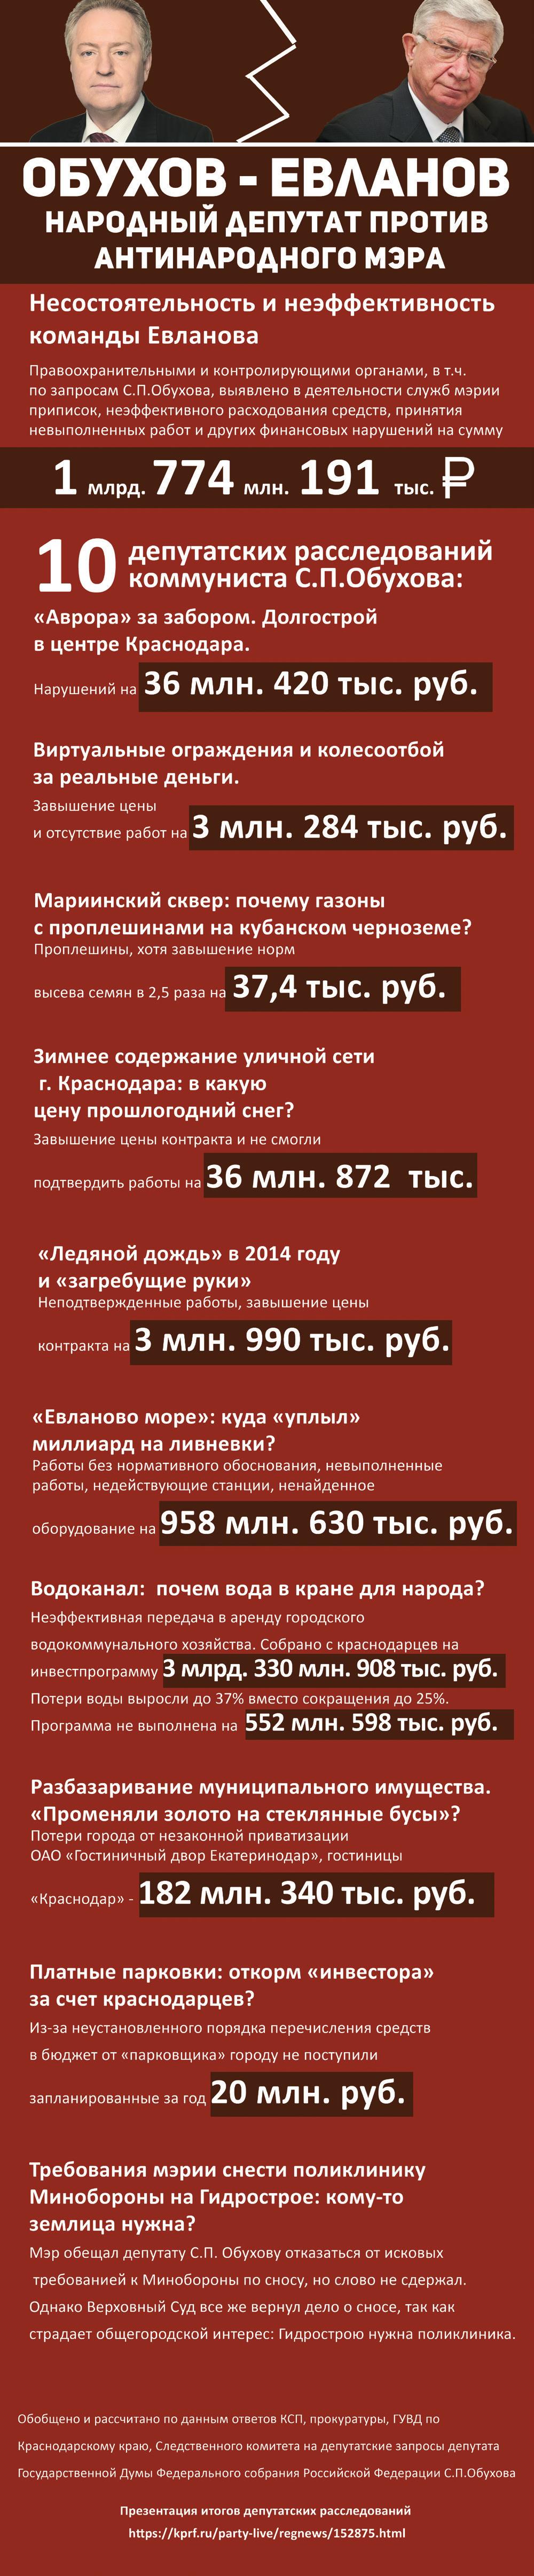 2016-04 Десять расследований депутата Госдумы Сергея Обухова